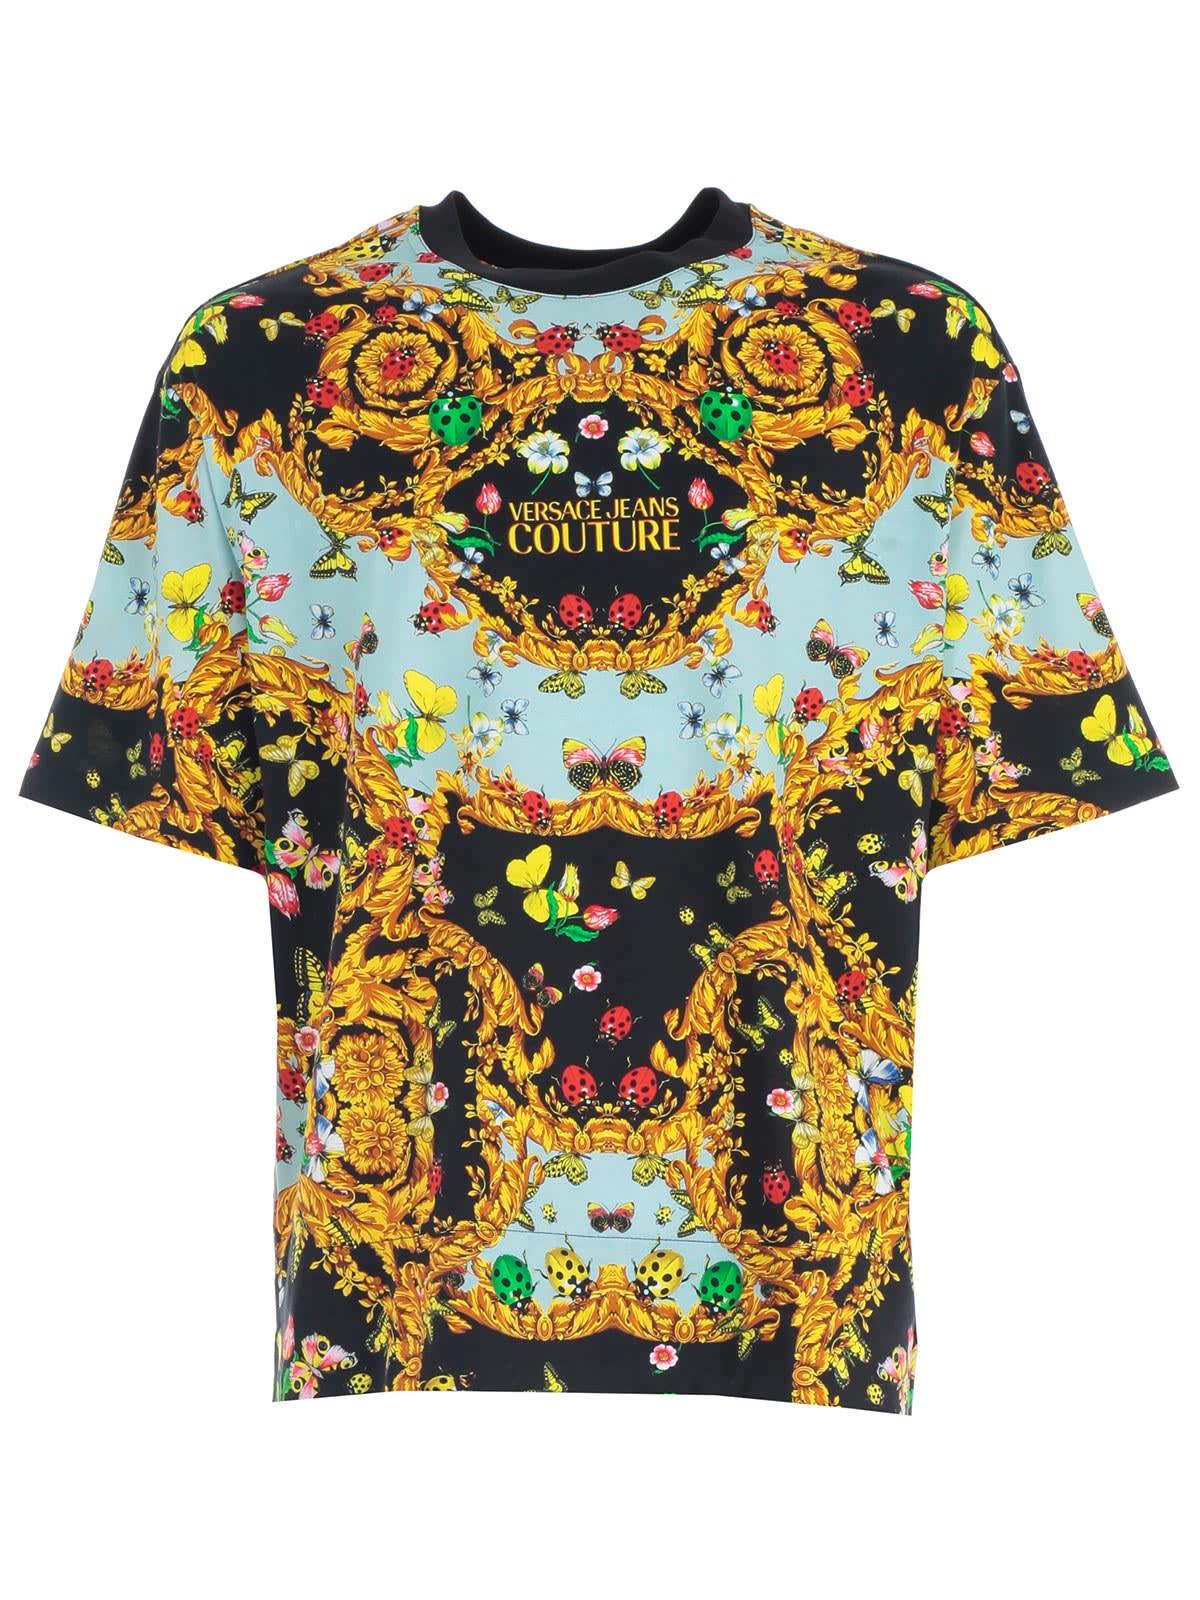 Versace Jeans Couture Versace Jeans Couture T Shirt S S Over W Ladybugs Black 10975483 Italist